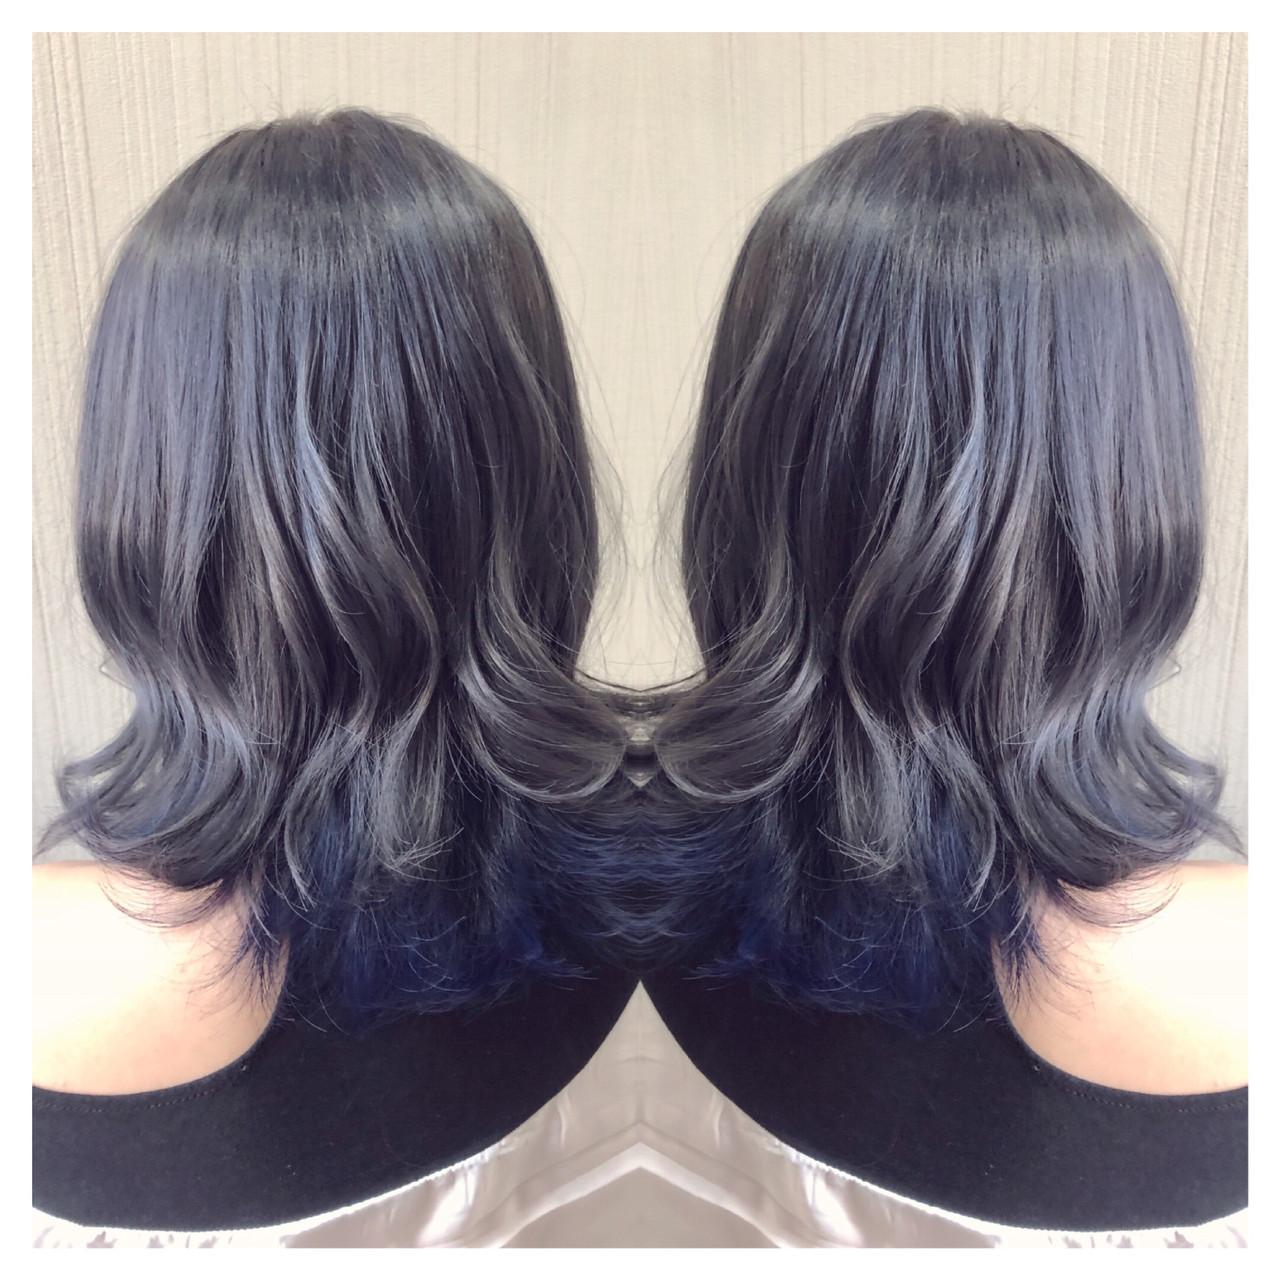 デート インナーカラー ミディアム アンニュイほつれヘア ヘアスタイルや髪型の写真・画像